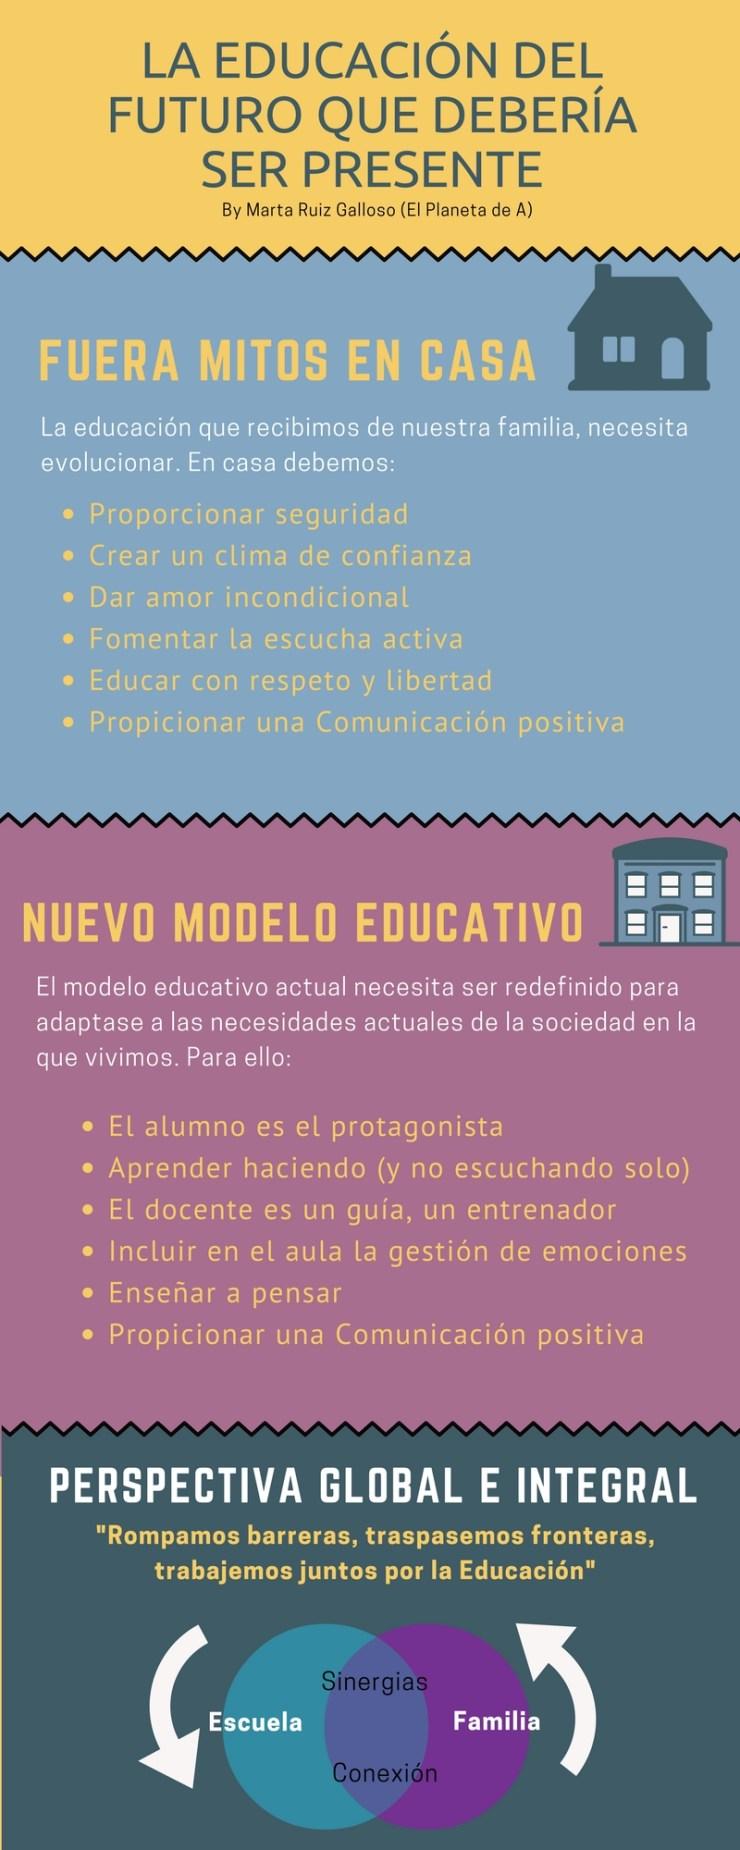 La educación del futuro que debería ser presente